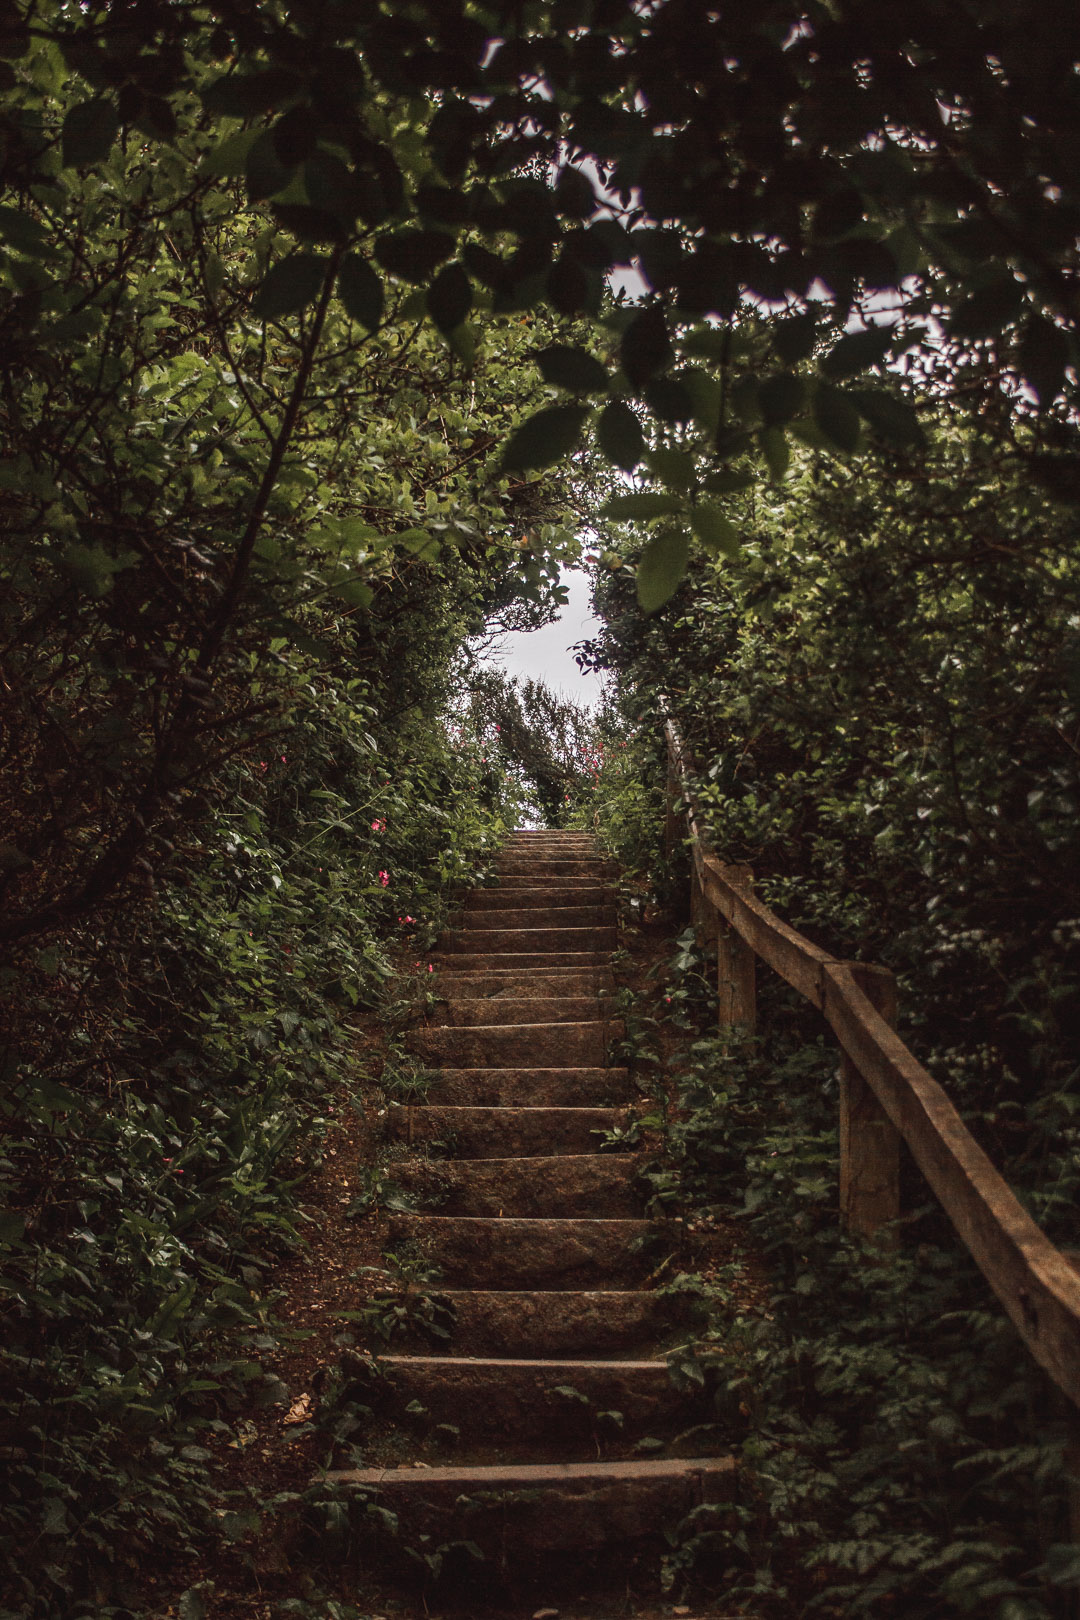 dorset stairway to heaven